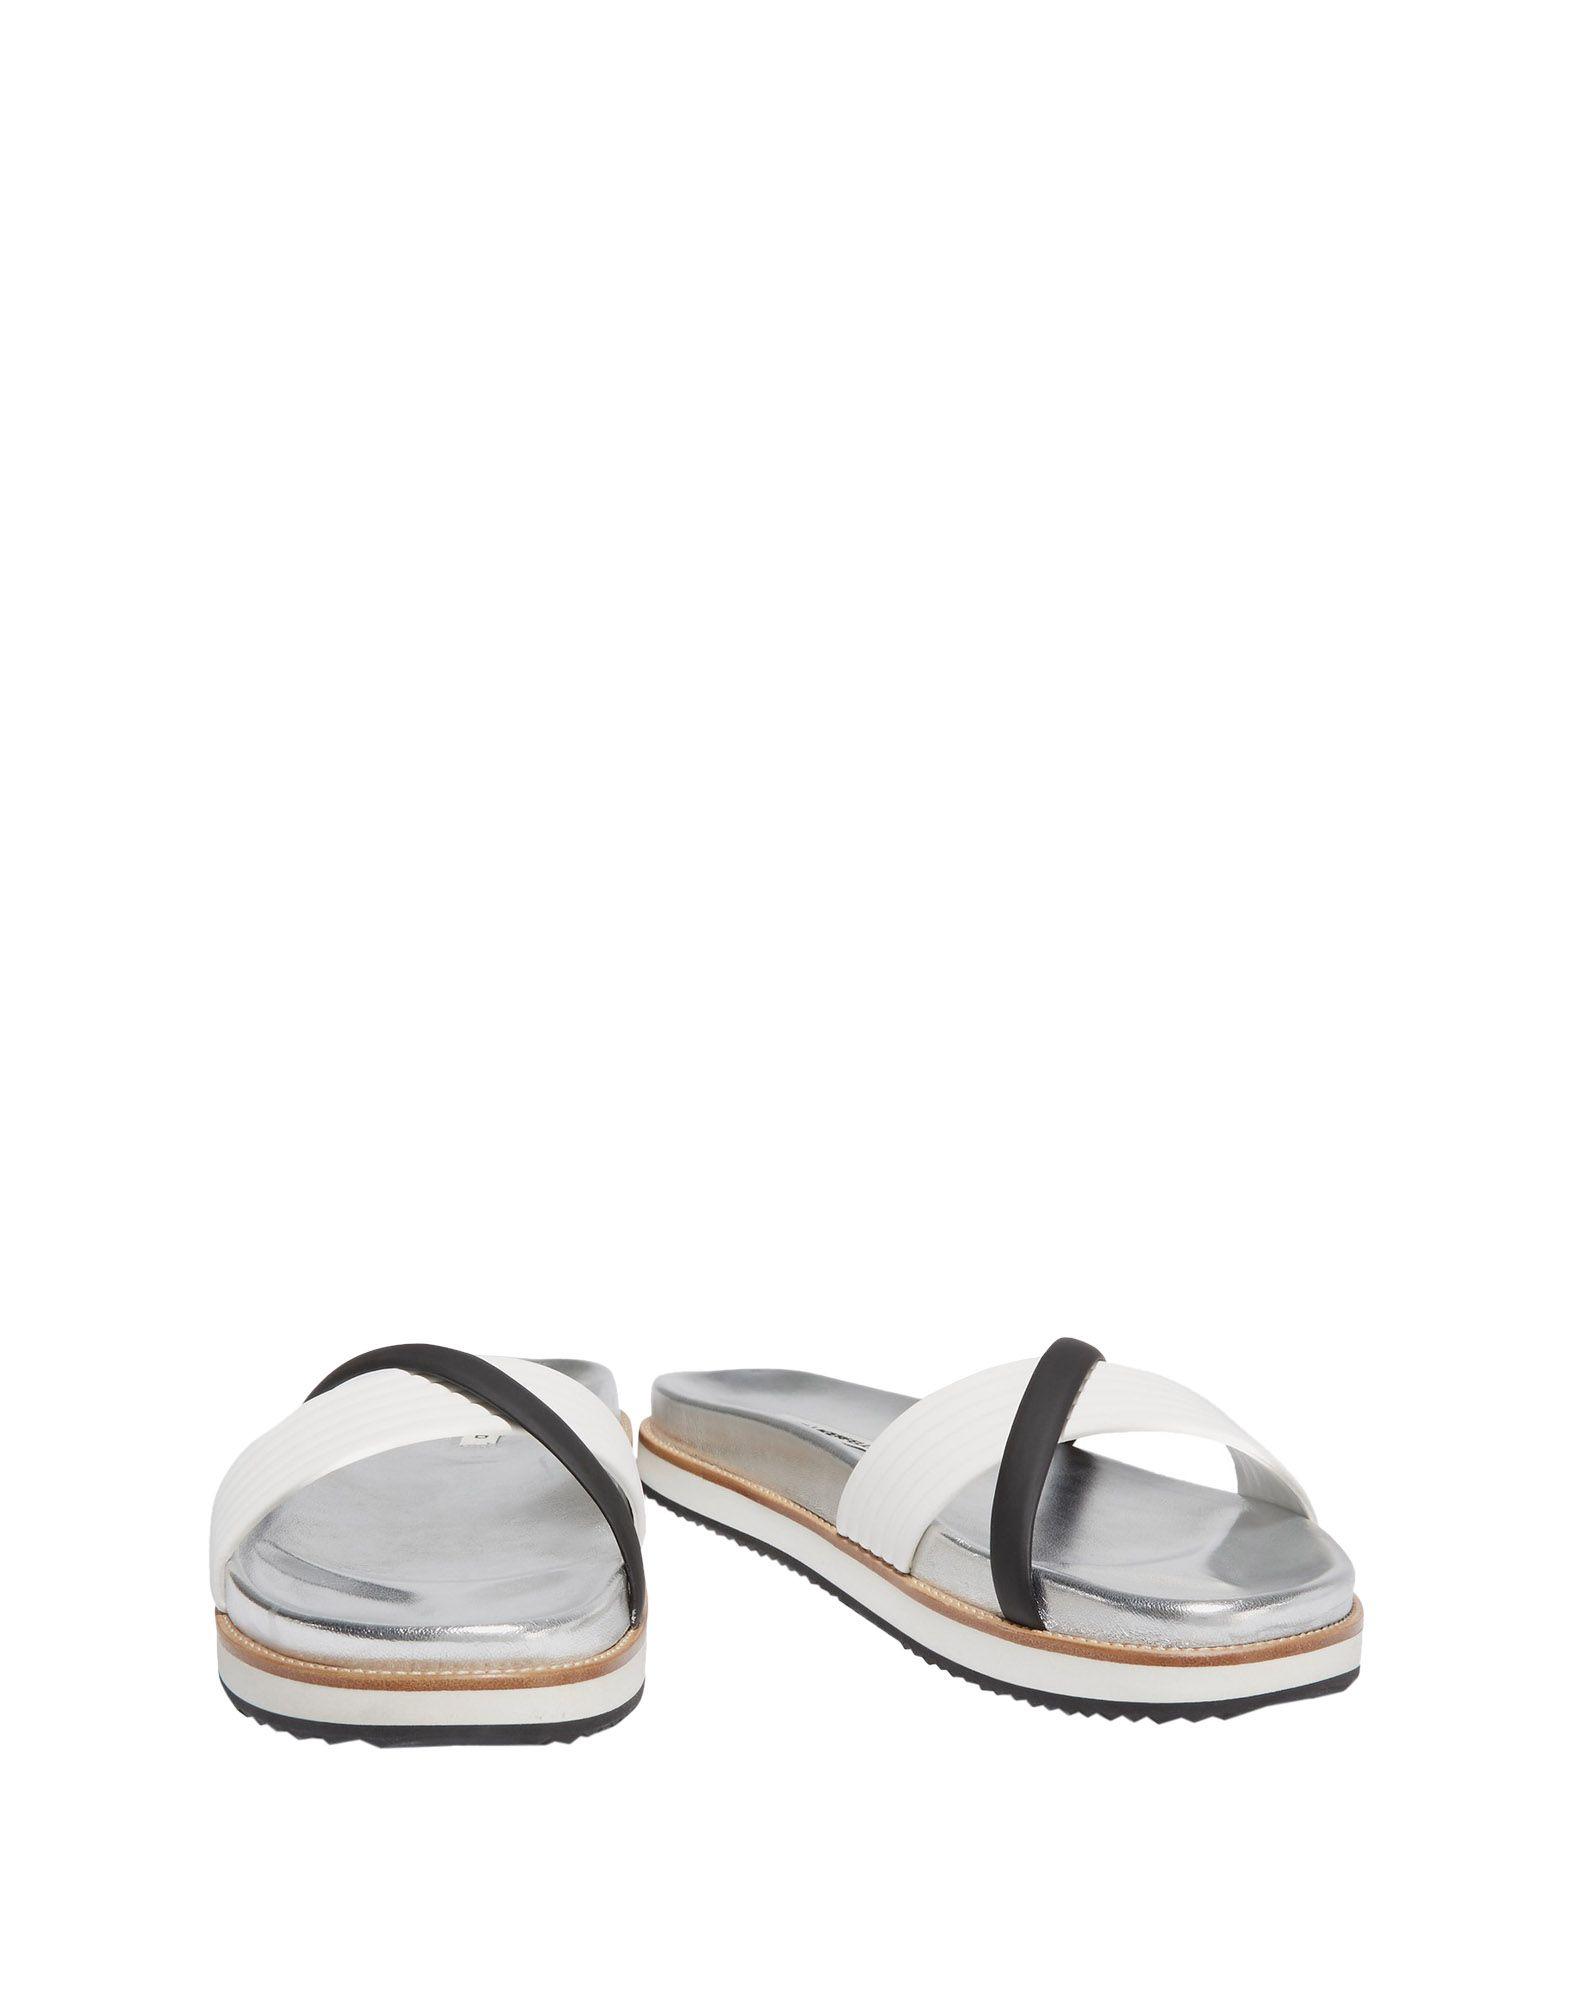 Gut um billige Schuhe zu  tragenKarl Lagerfeld Sandalen Damen  zu 11523890UI 9bbd38